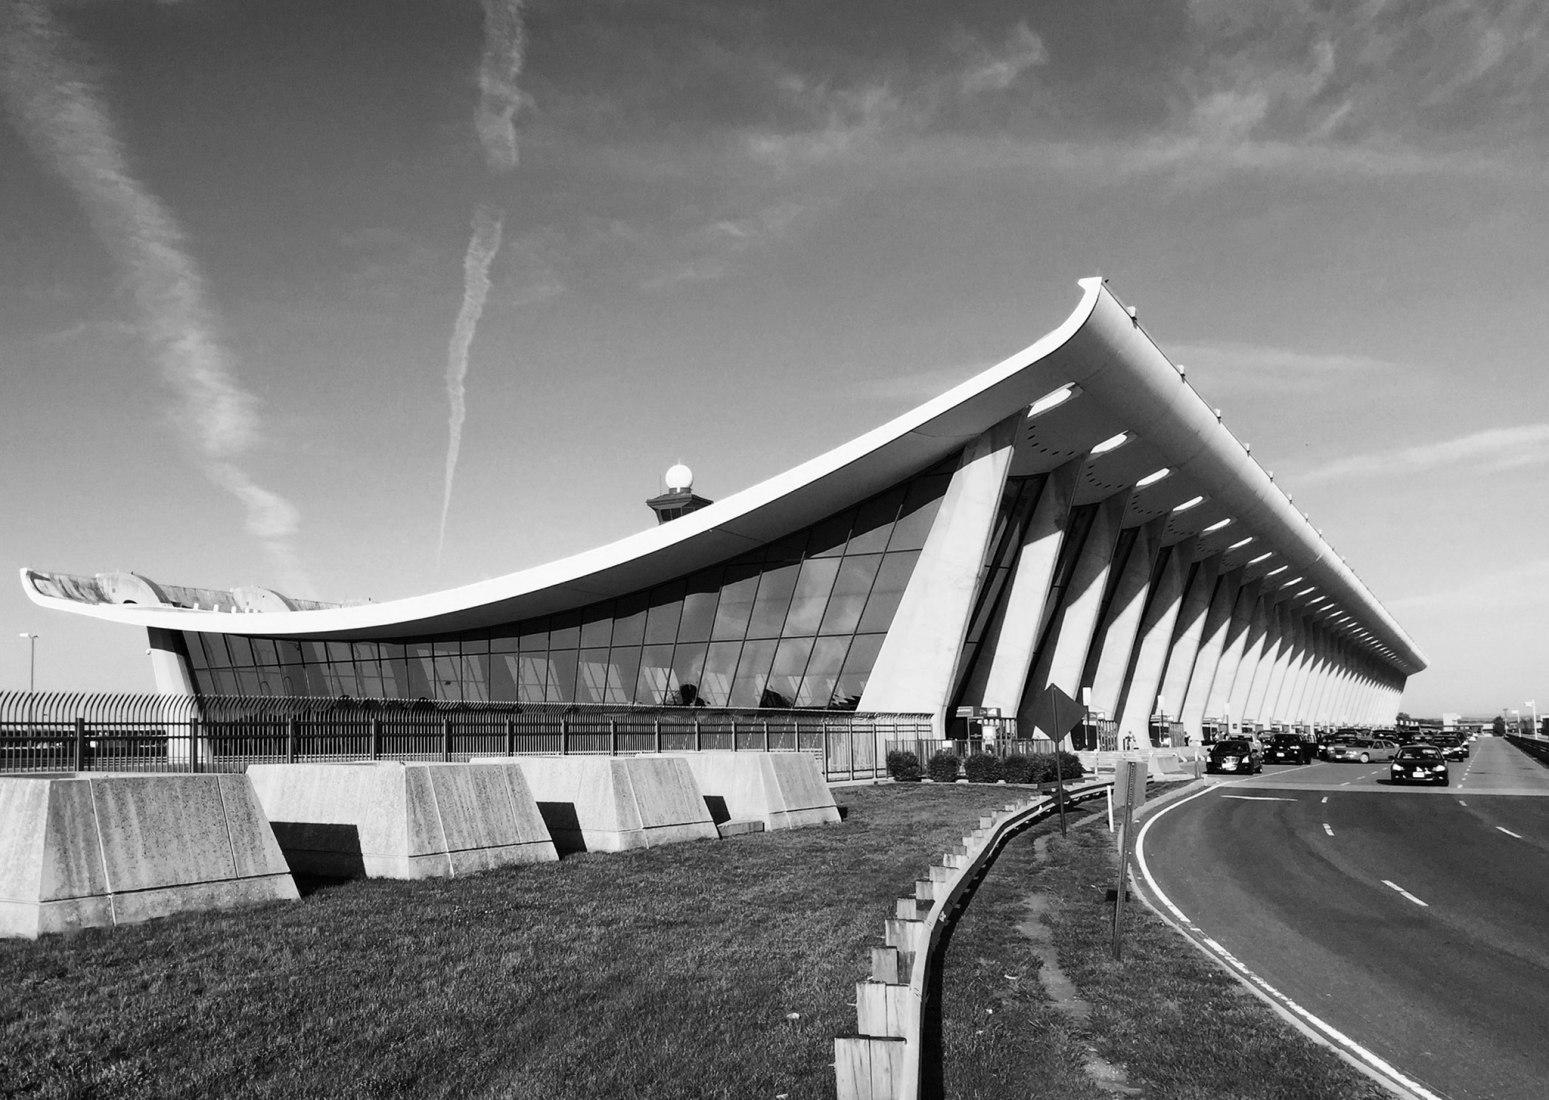 Aeropuerto Dulles Intl, ejemplos del Mapa Brutalista de Washington por Blue Crow Media en colaboración con Deane Madsen. Fotografía © Deane Madsen.